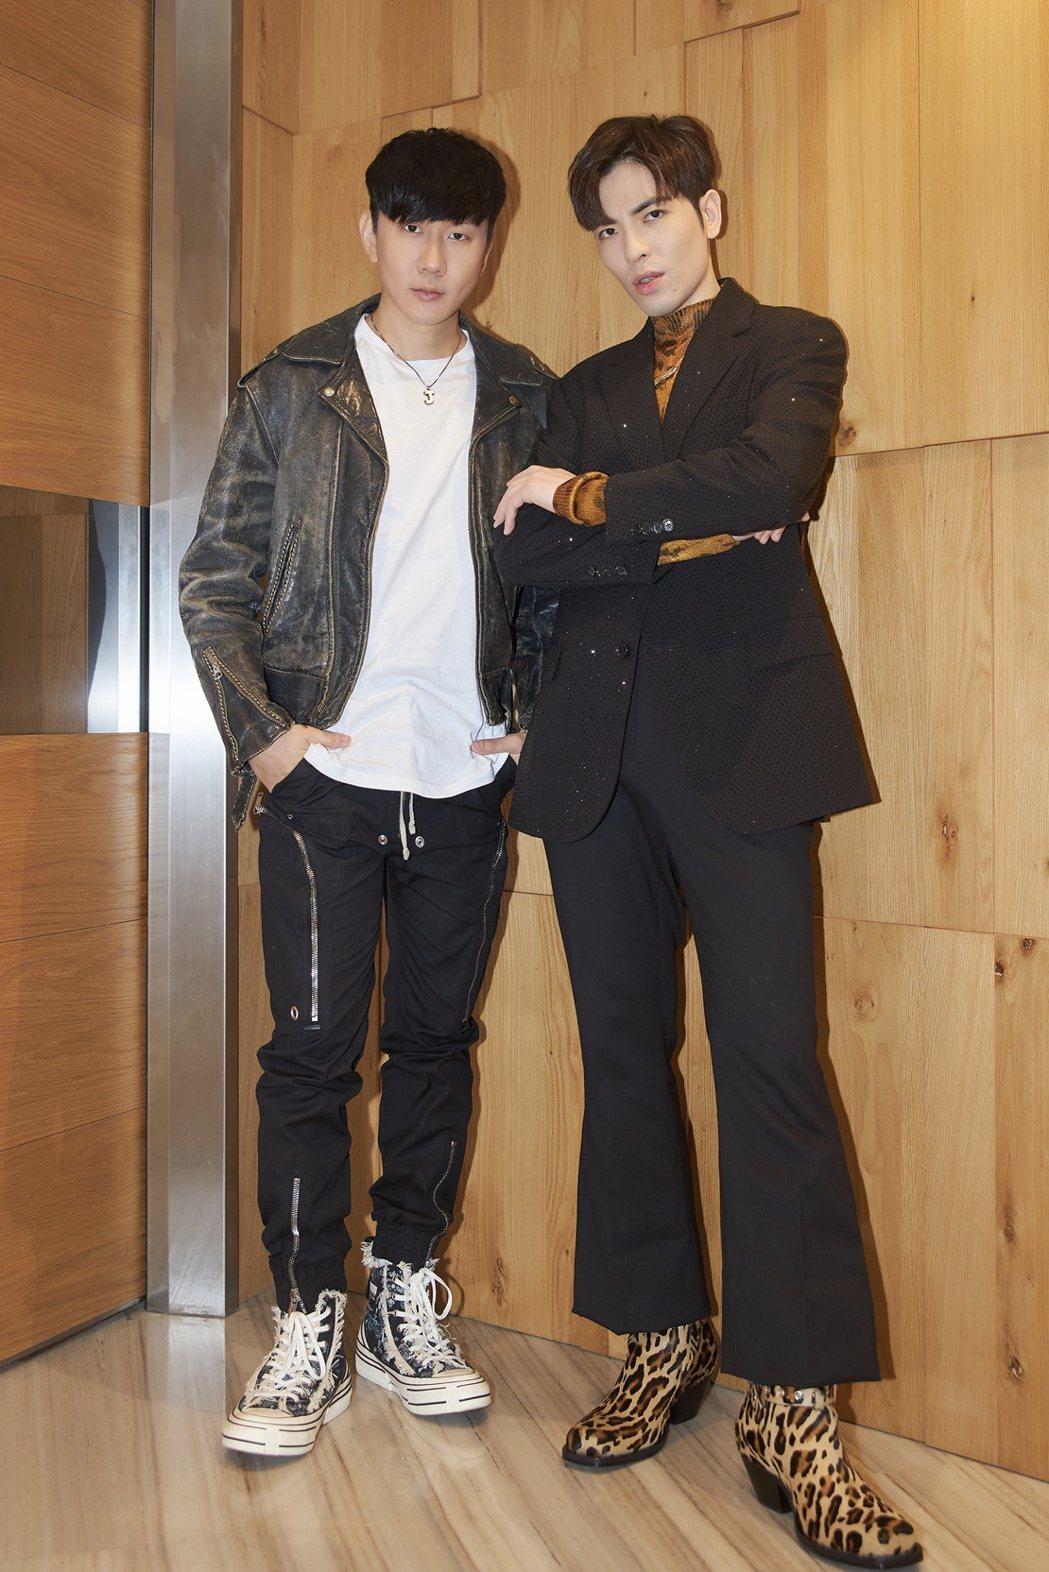 蕭敬騰(右)與林俊傑今晚受央視「全球中文音樂榜上榜」之邀,再度合體獻唱共同創作新...